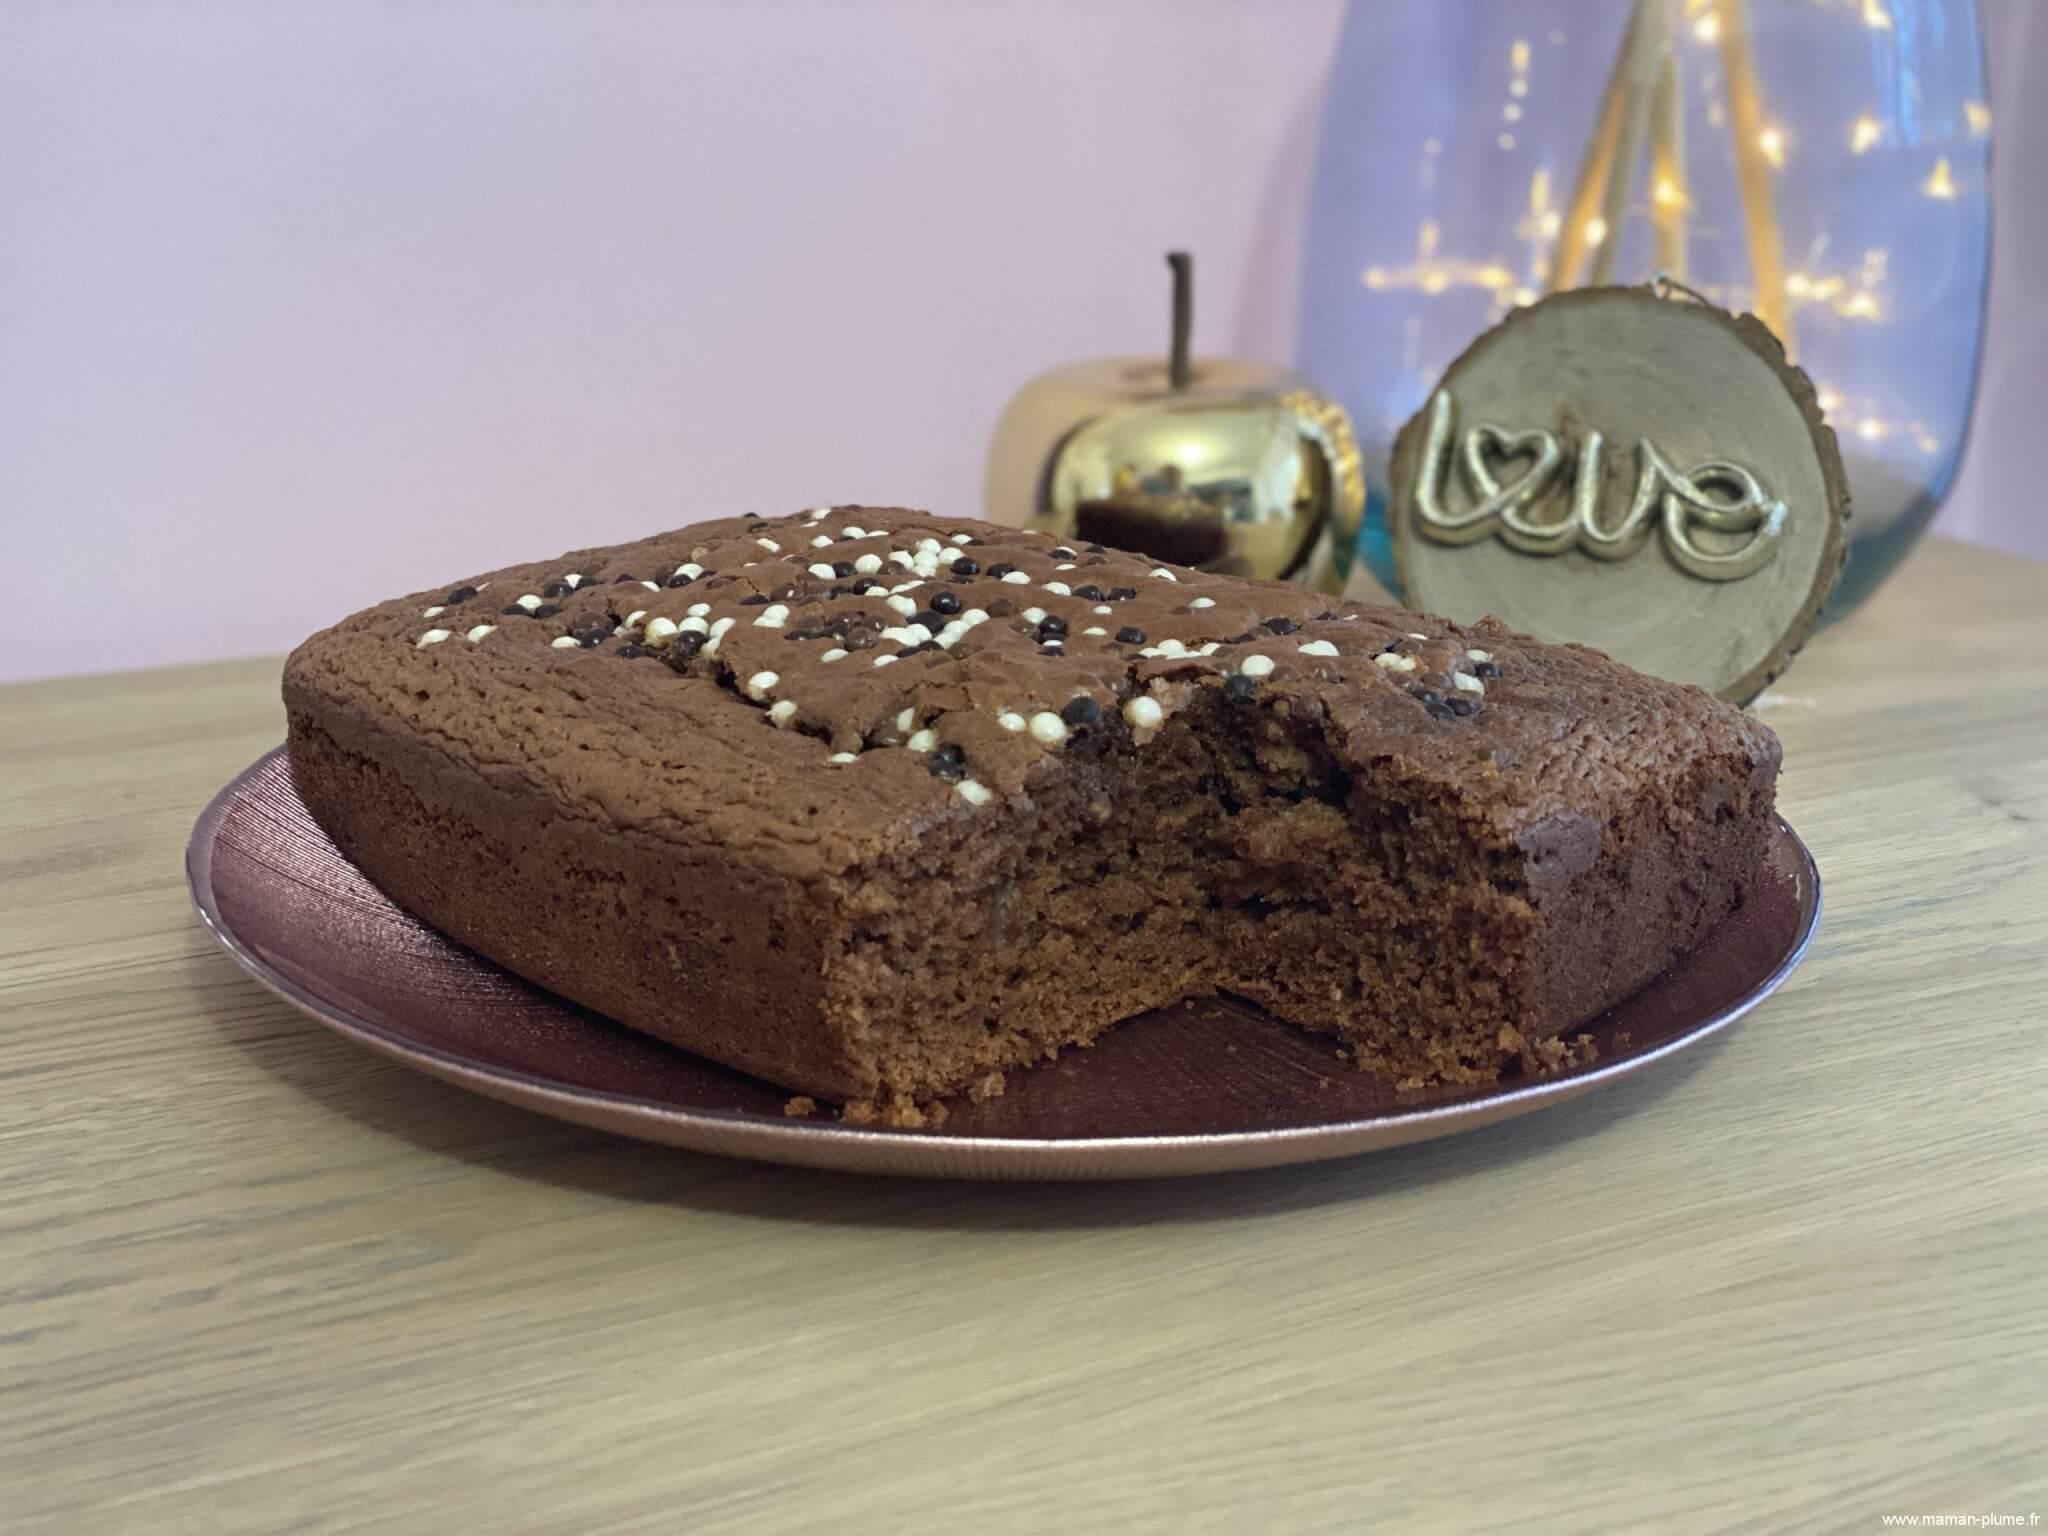 Gâteau au yaourt Nutella, la recette simple et rapide